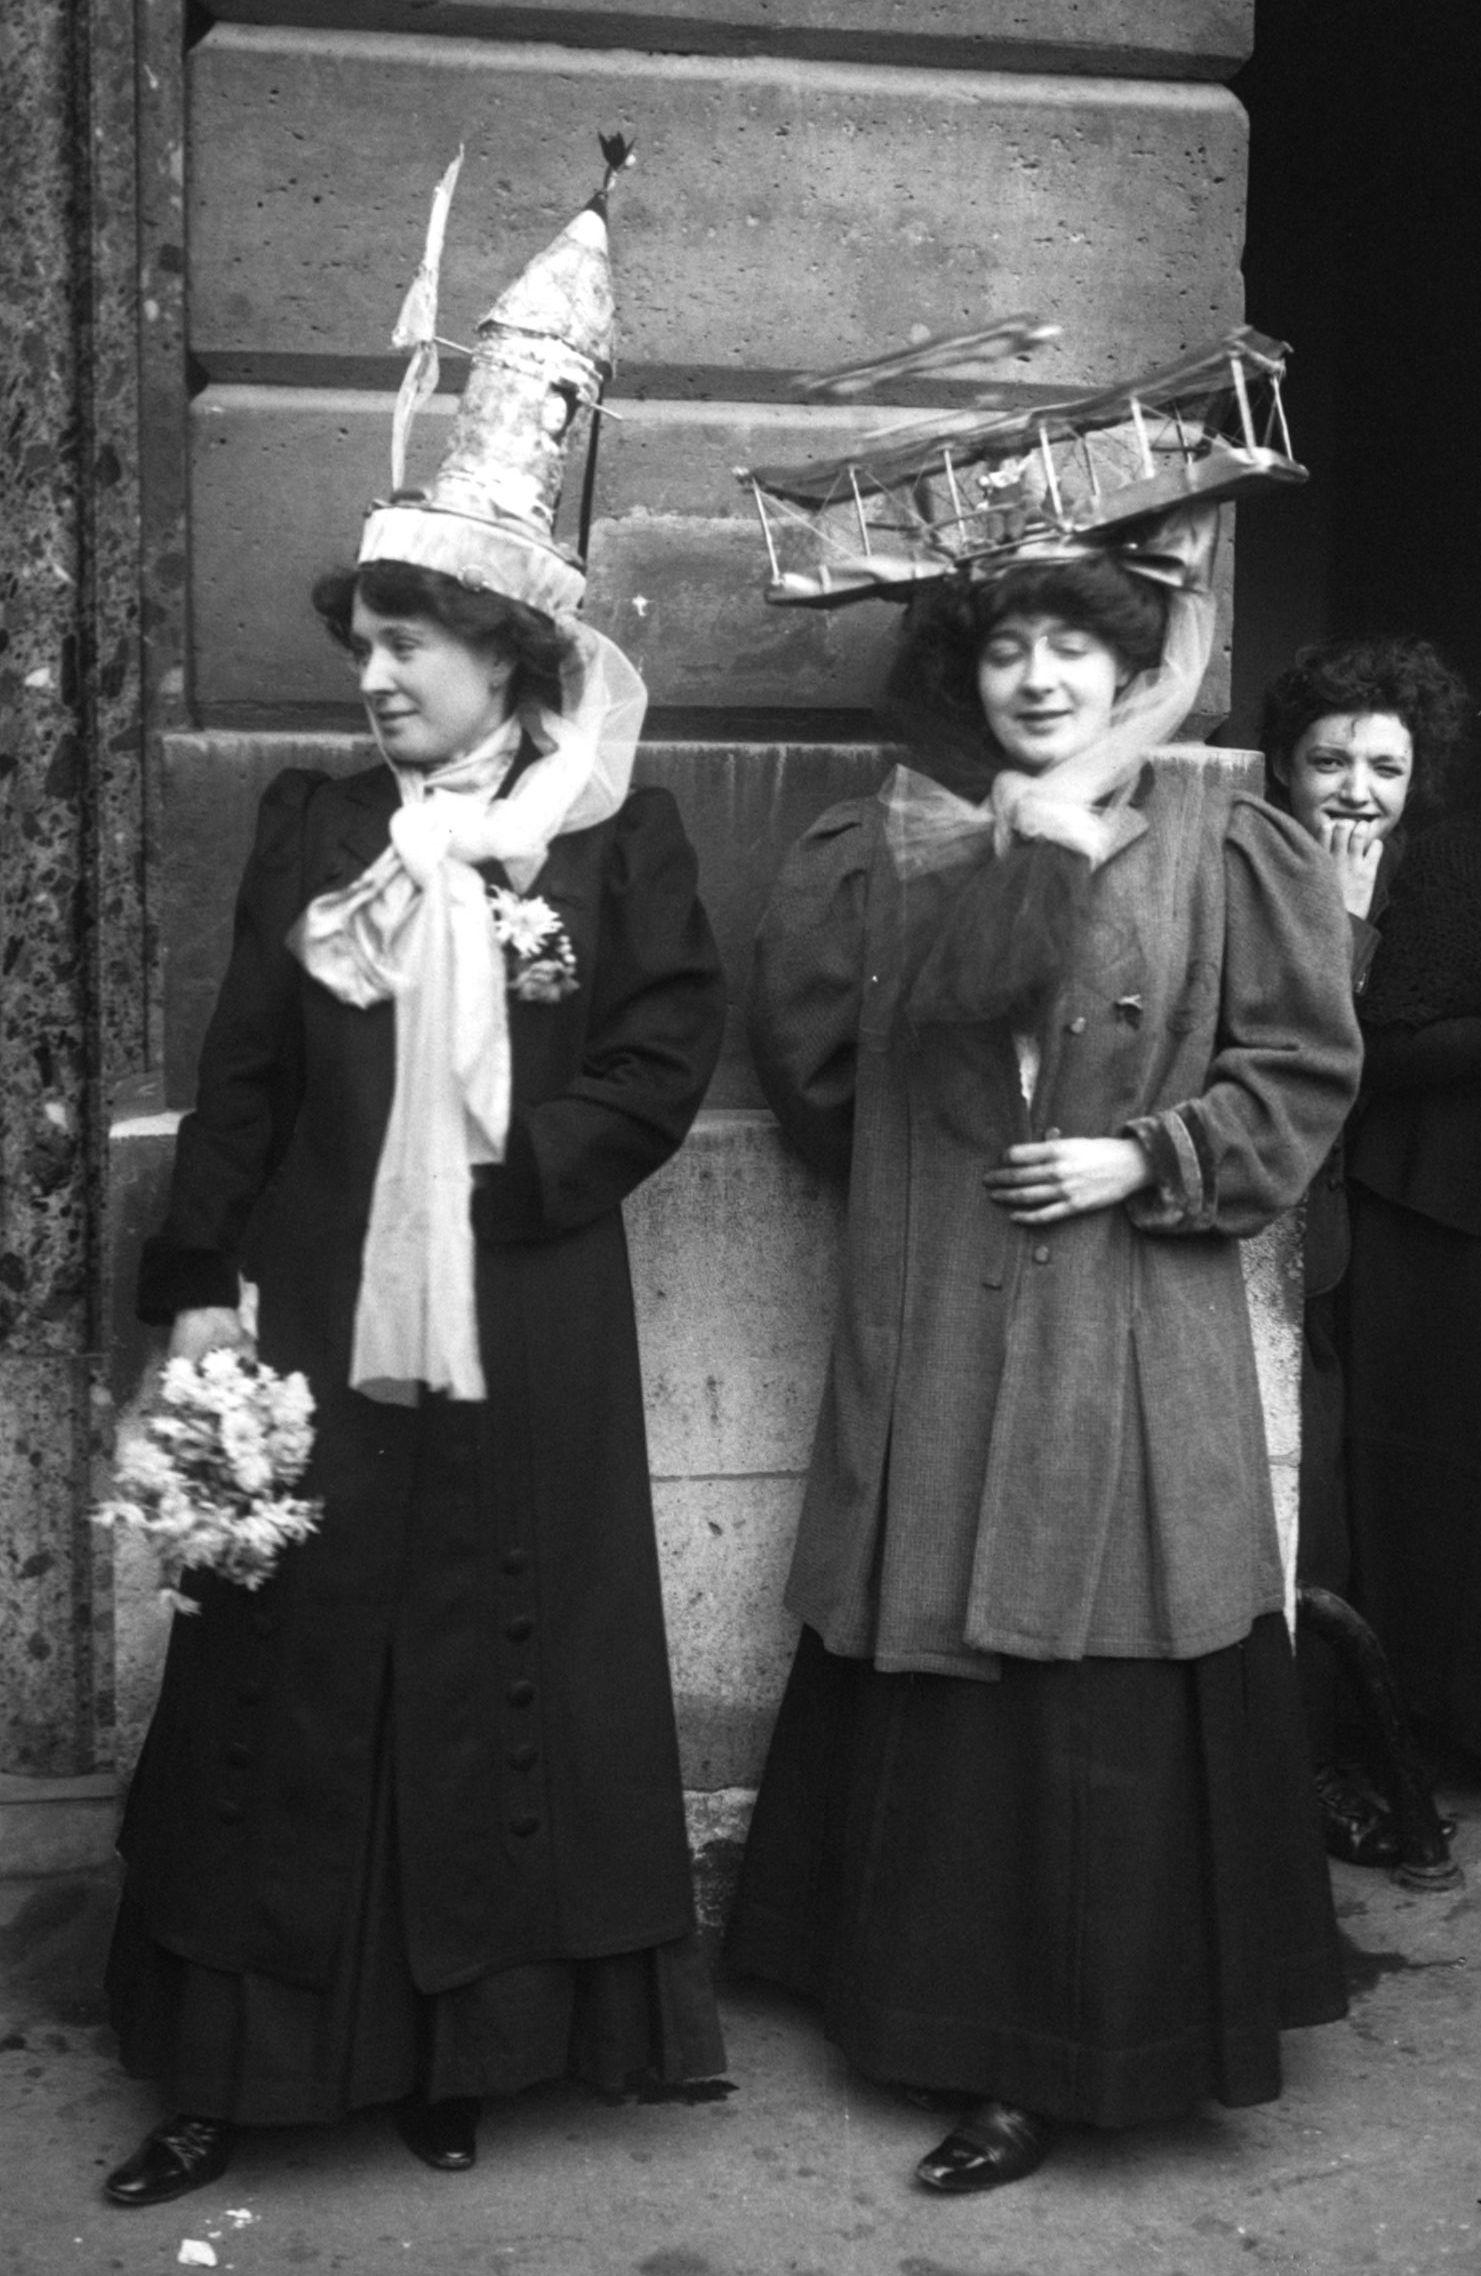 Catherinettes in Paris, 1909